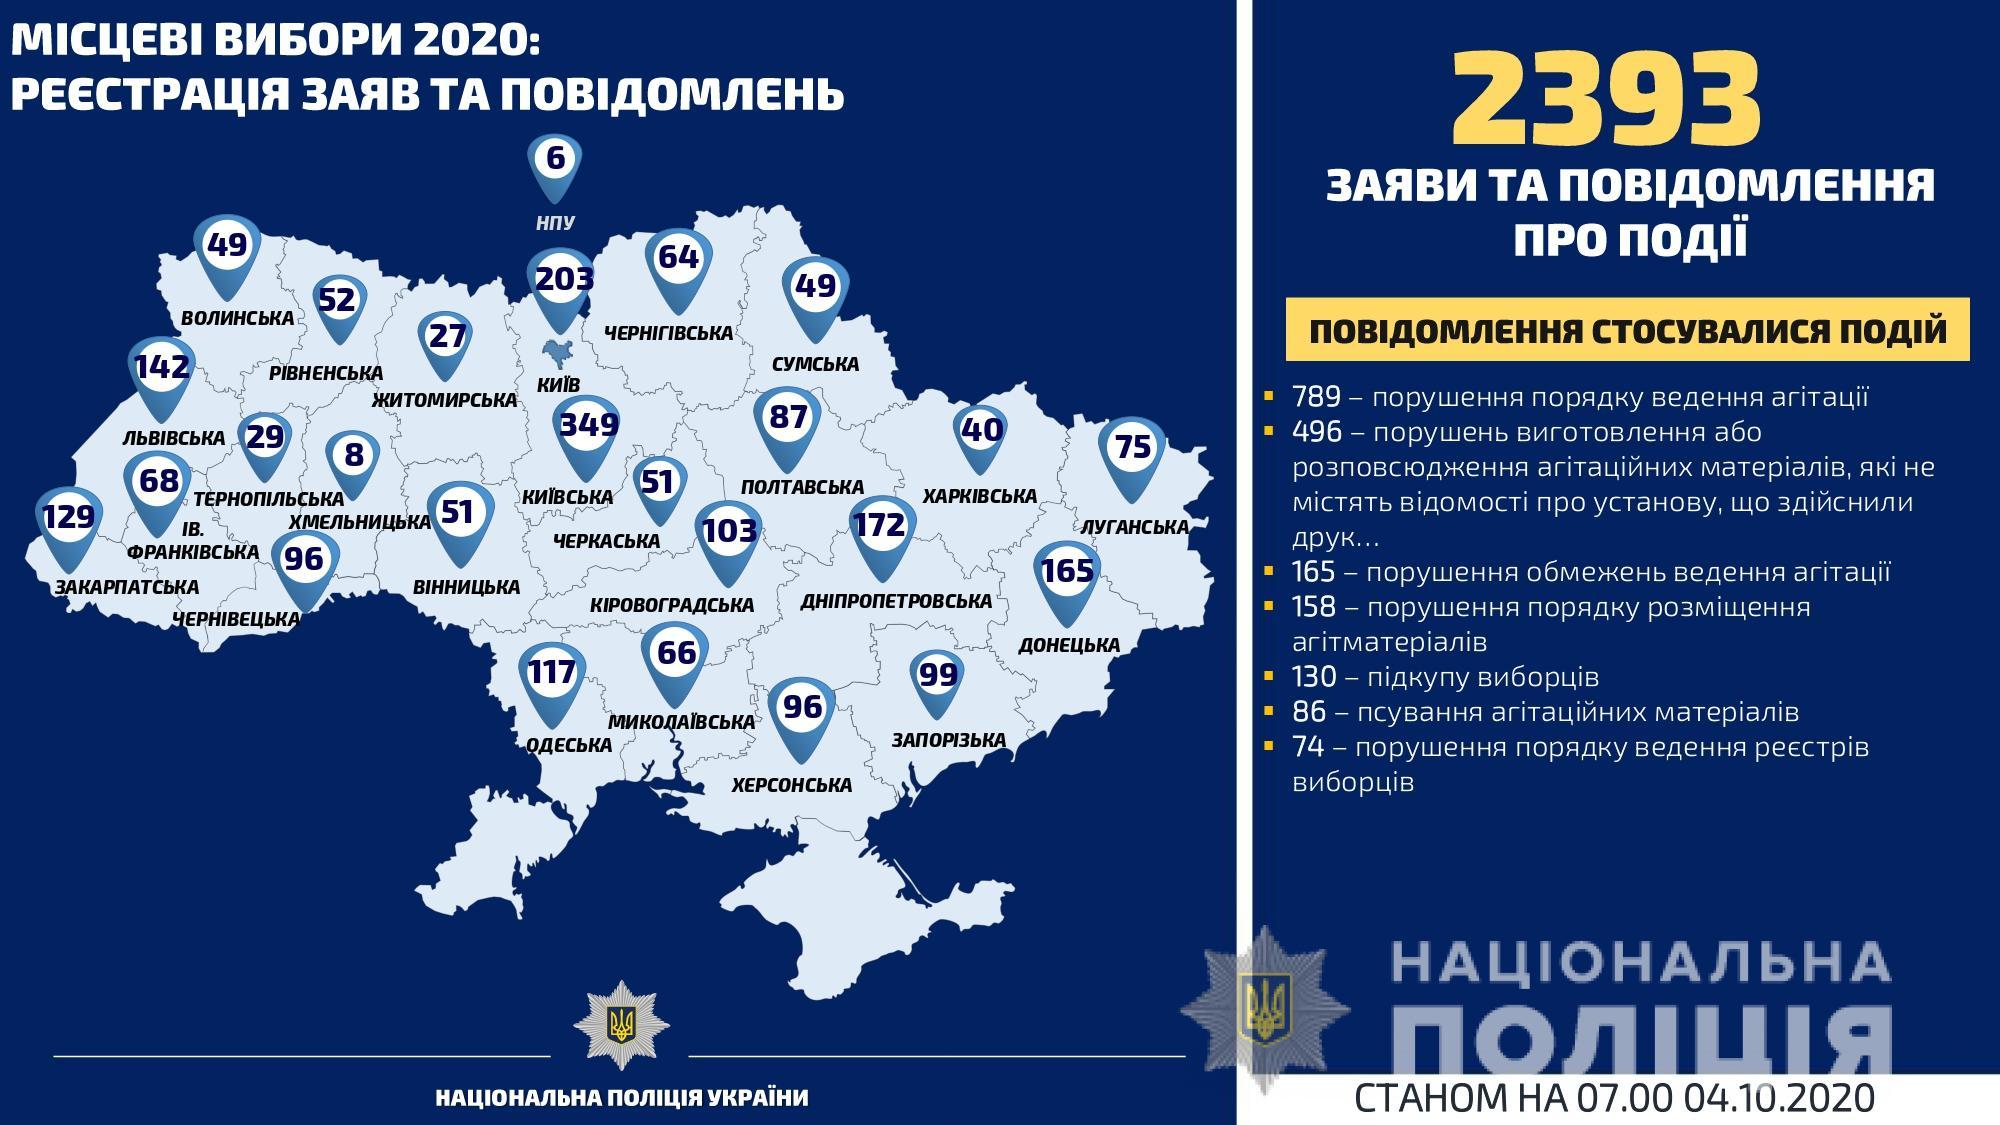 В полицию поступило 2 393 заявления о нарушениях